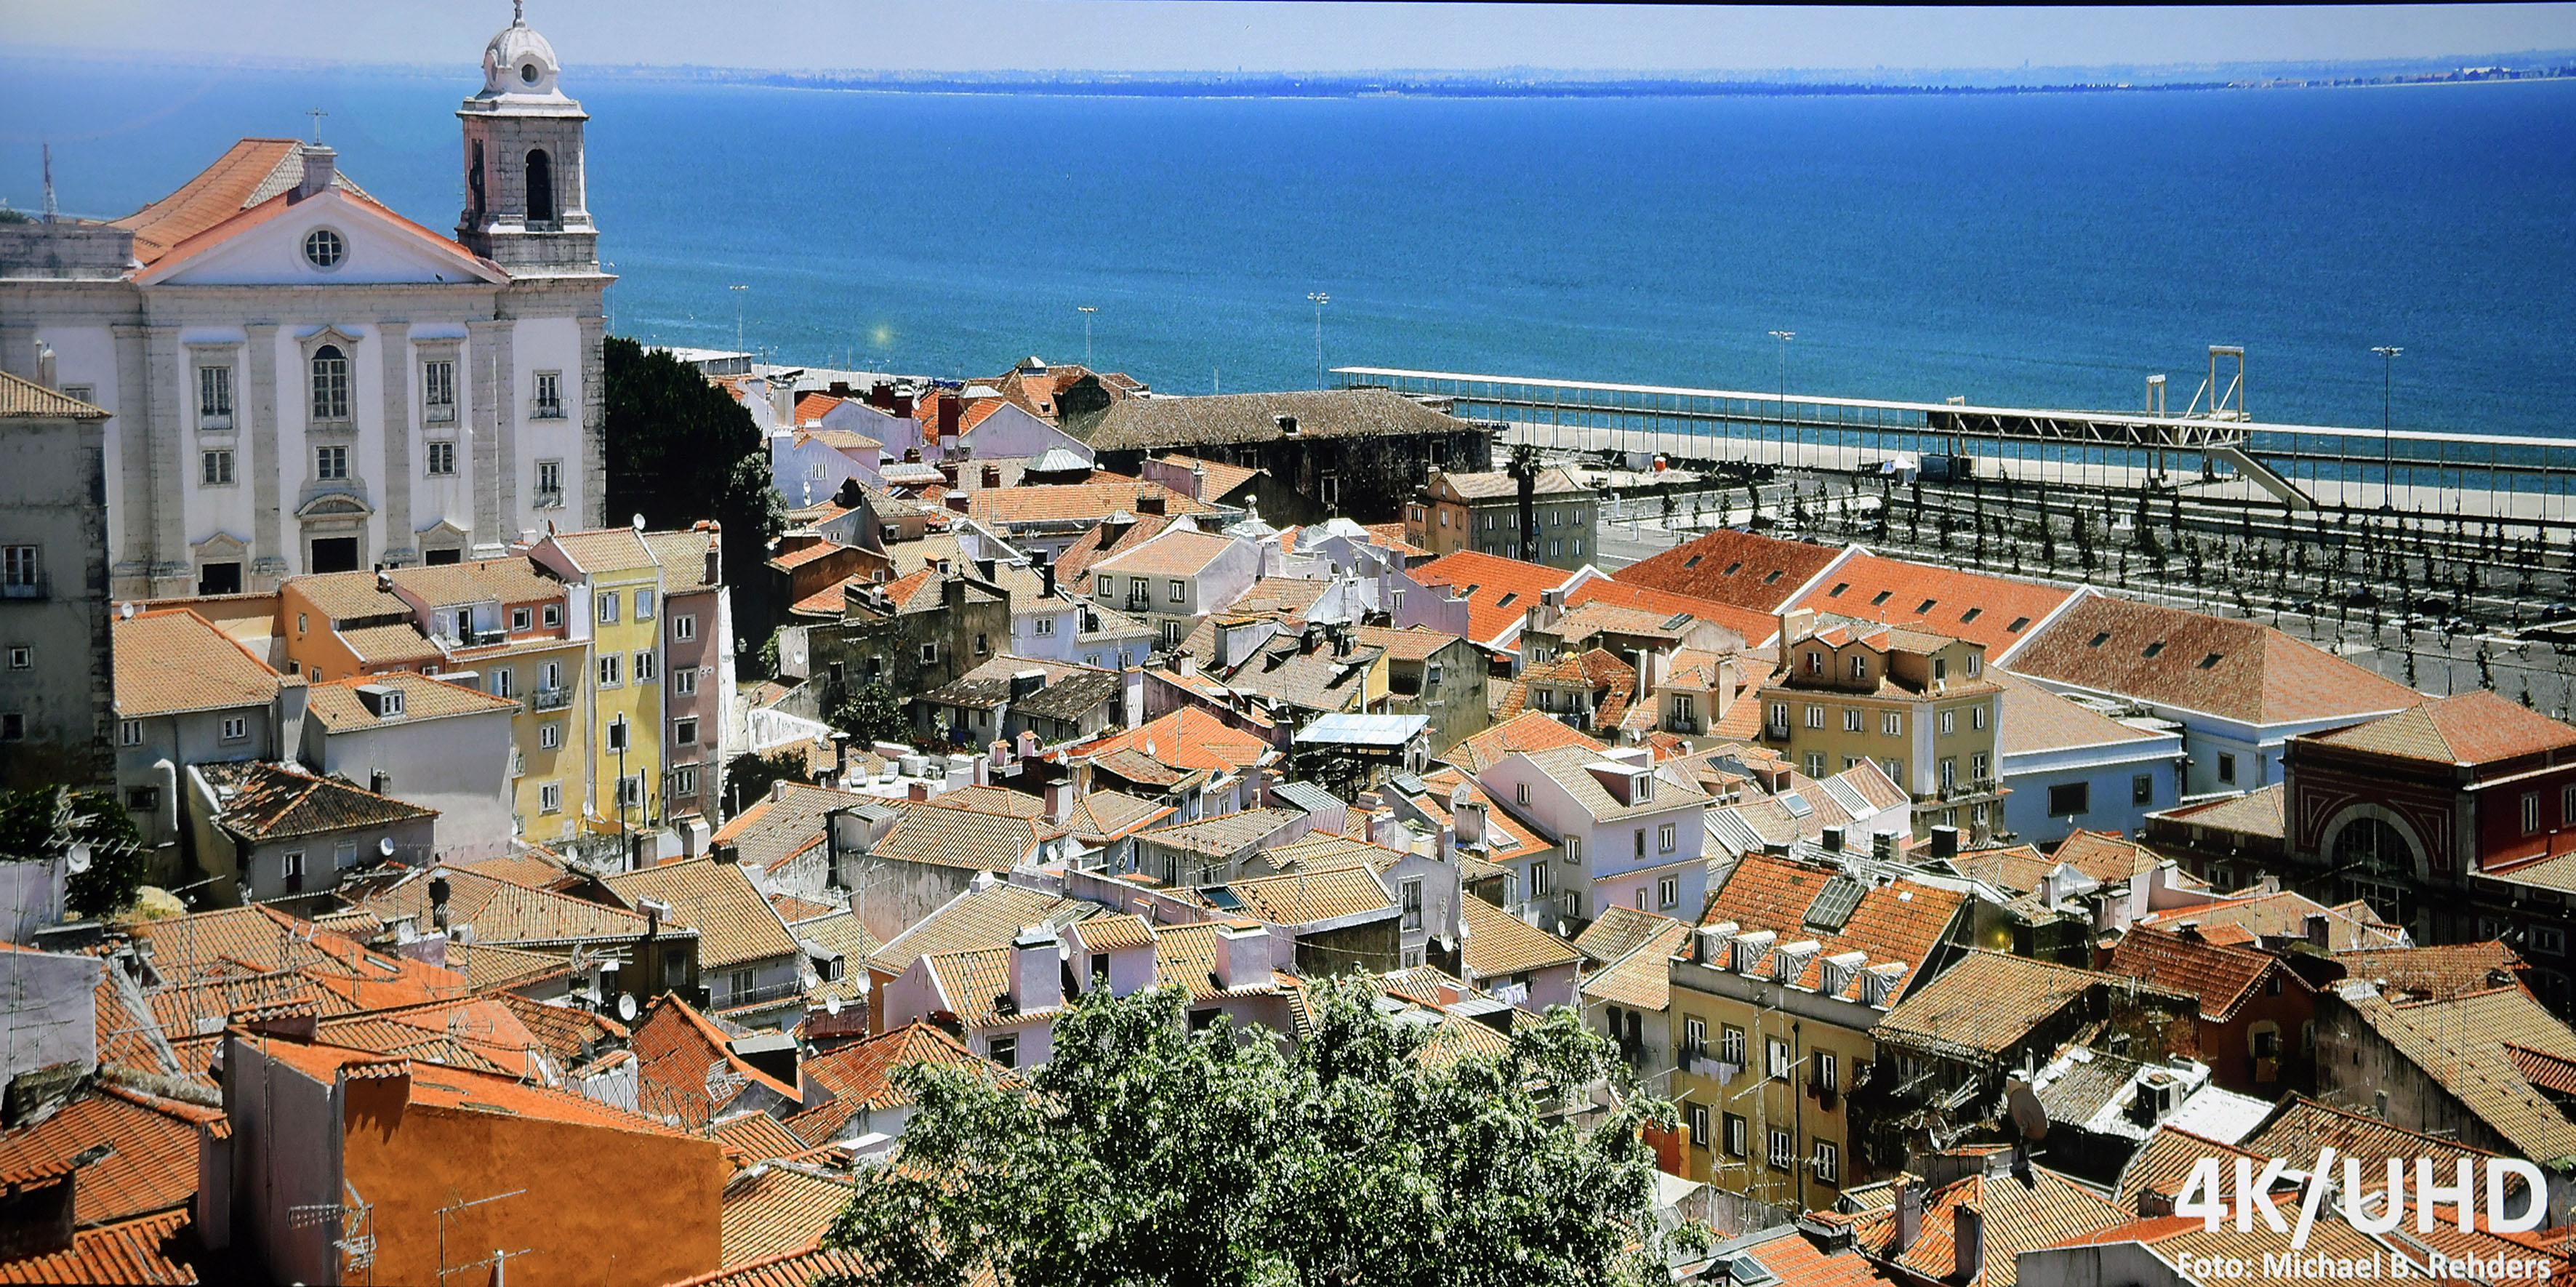 Meine UHD-Fotoaufnahme aus Lissabon wird vom ViewSonic X10-4K sehr natürlich reproduziert. Allenfalls das blaue Meer sieht etwas farbenprächtiger aus. Dank der XPR-Technologie sind sogar kleine Fenster detailreich abgebildet. Dieser leichte Postkarten-Look wird vielen Zuschauer zusagen. Foto: Michael B. Rehders